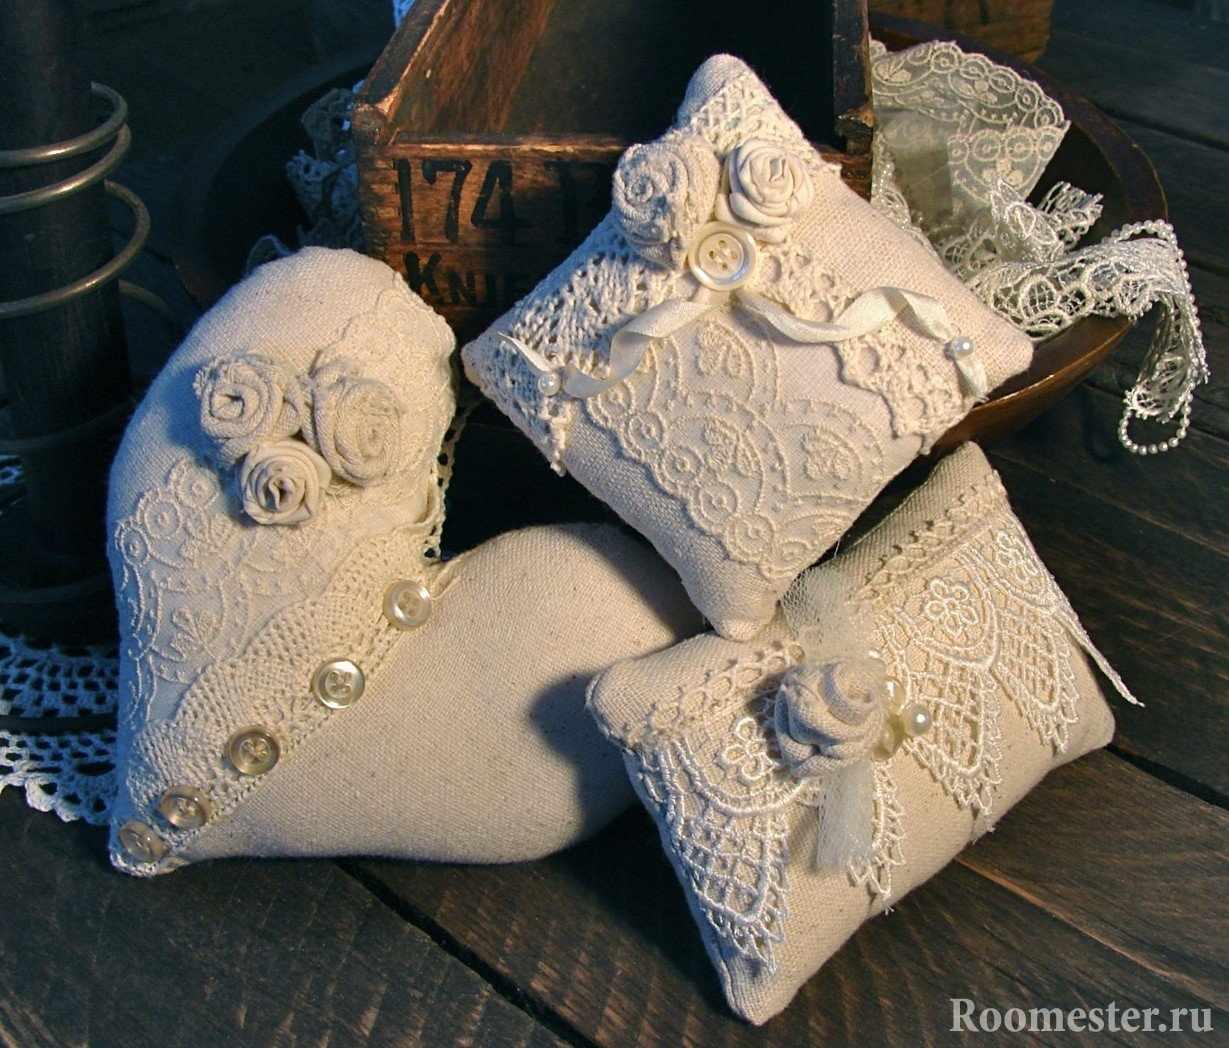 Кружевные подушки в стиле прованс